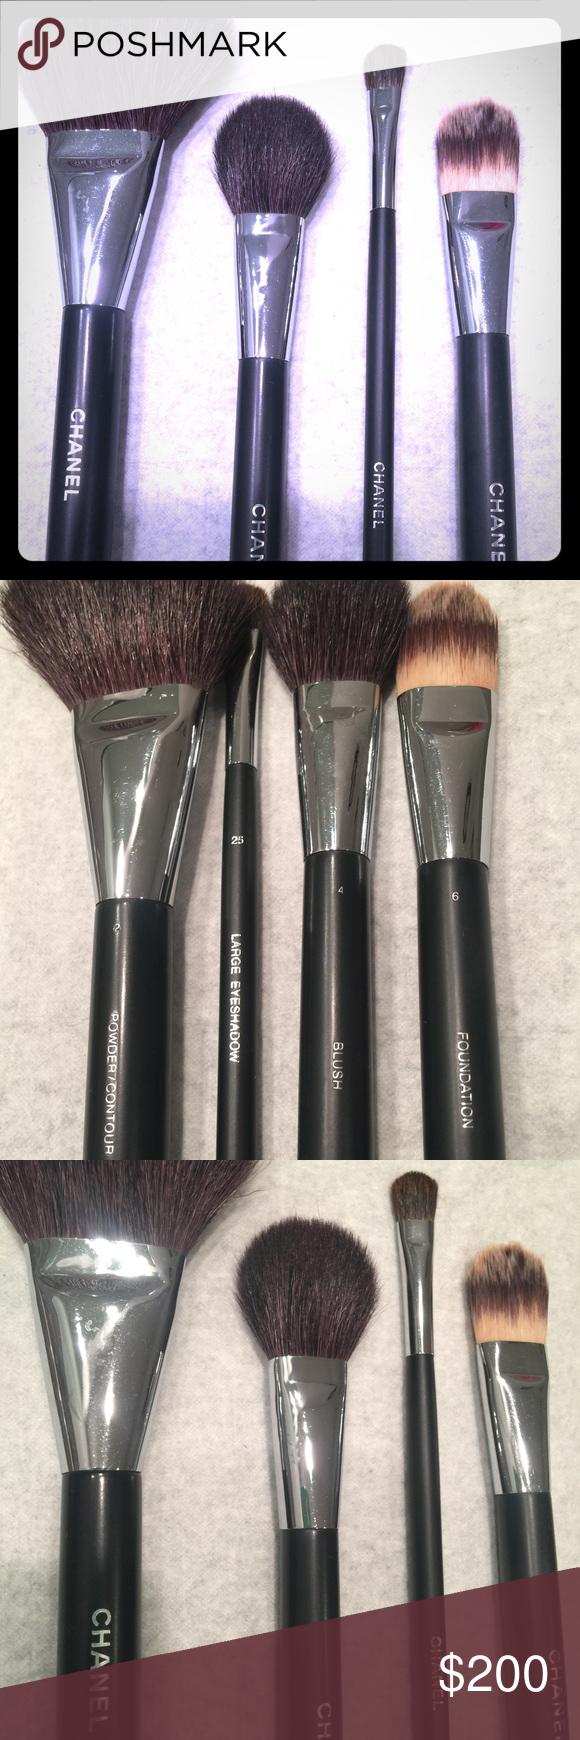 CHANEL Make Up Brush Set Complete makeup, Makeup brushes